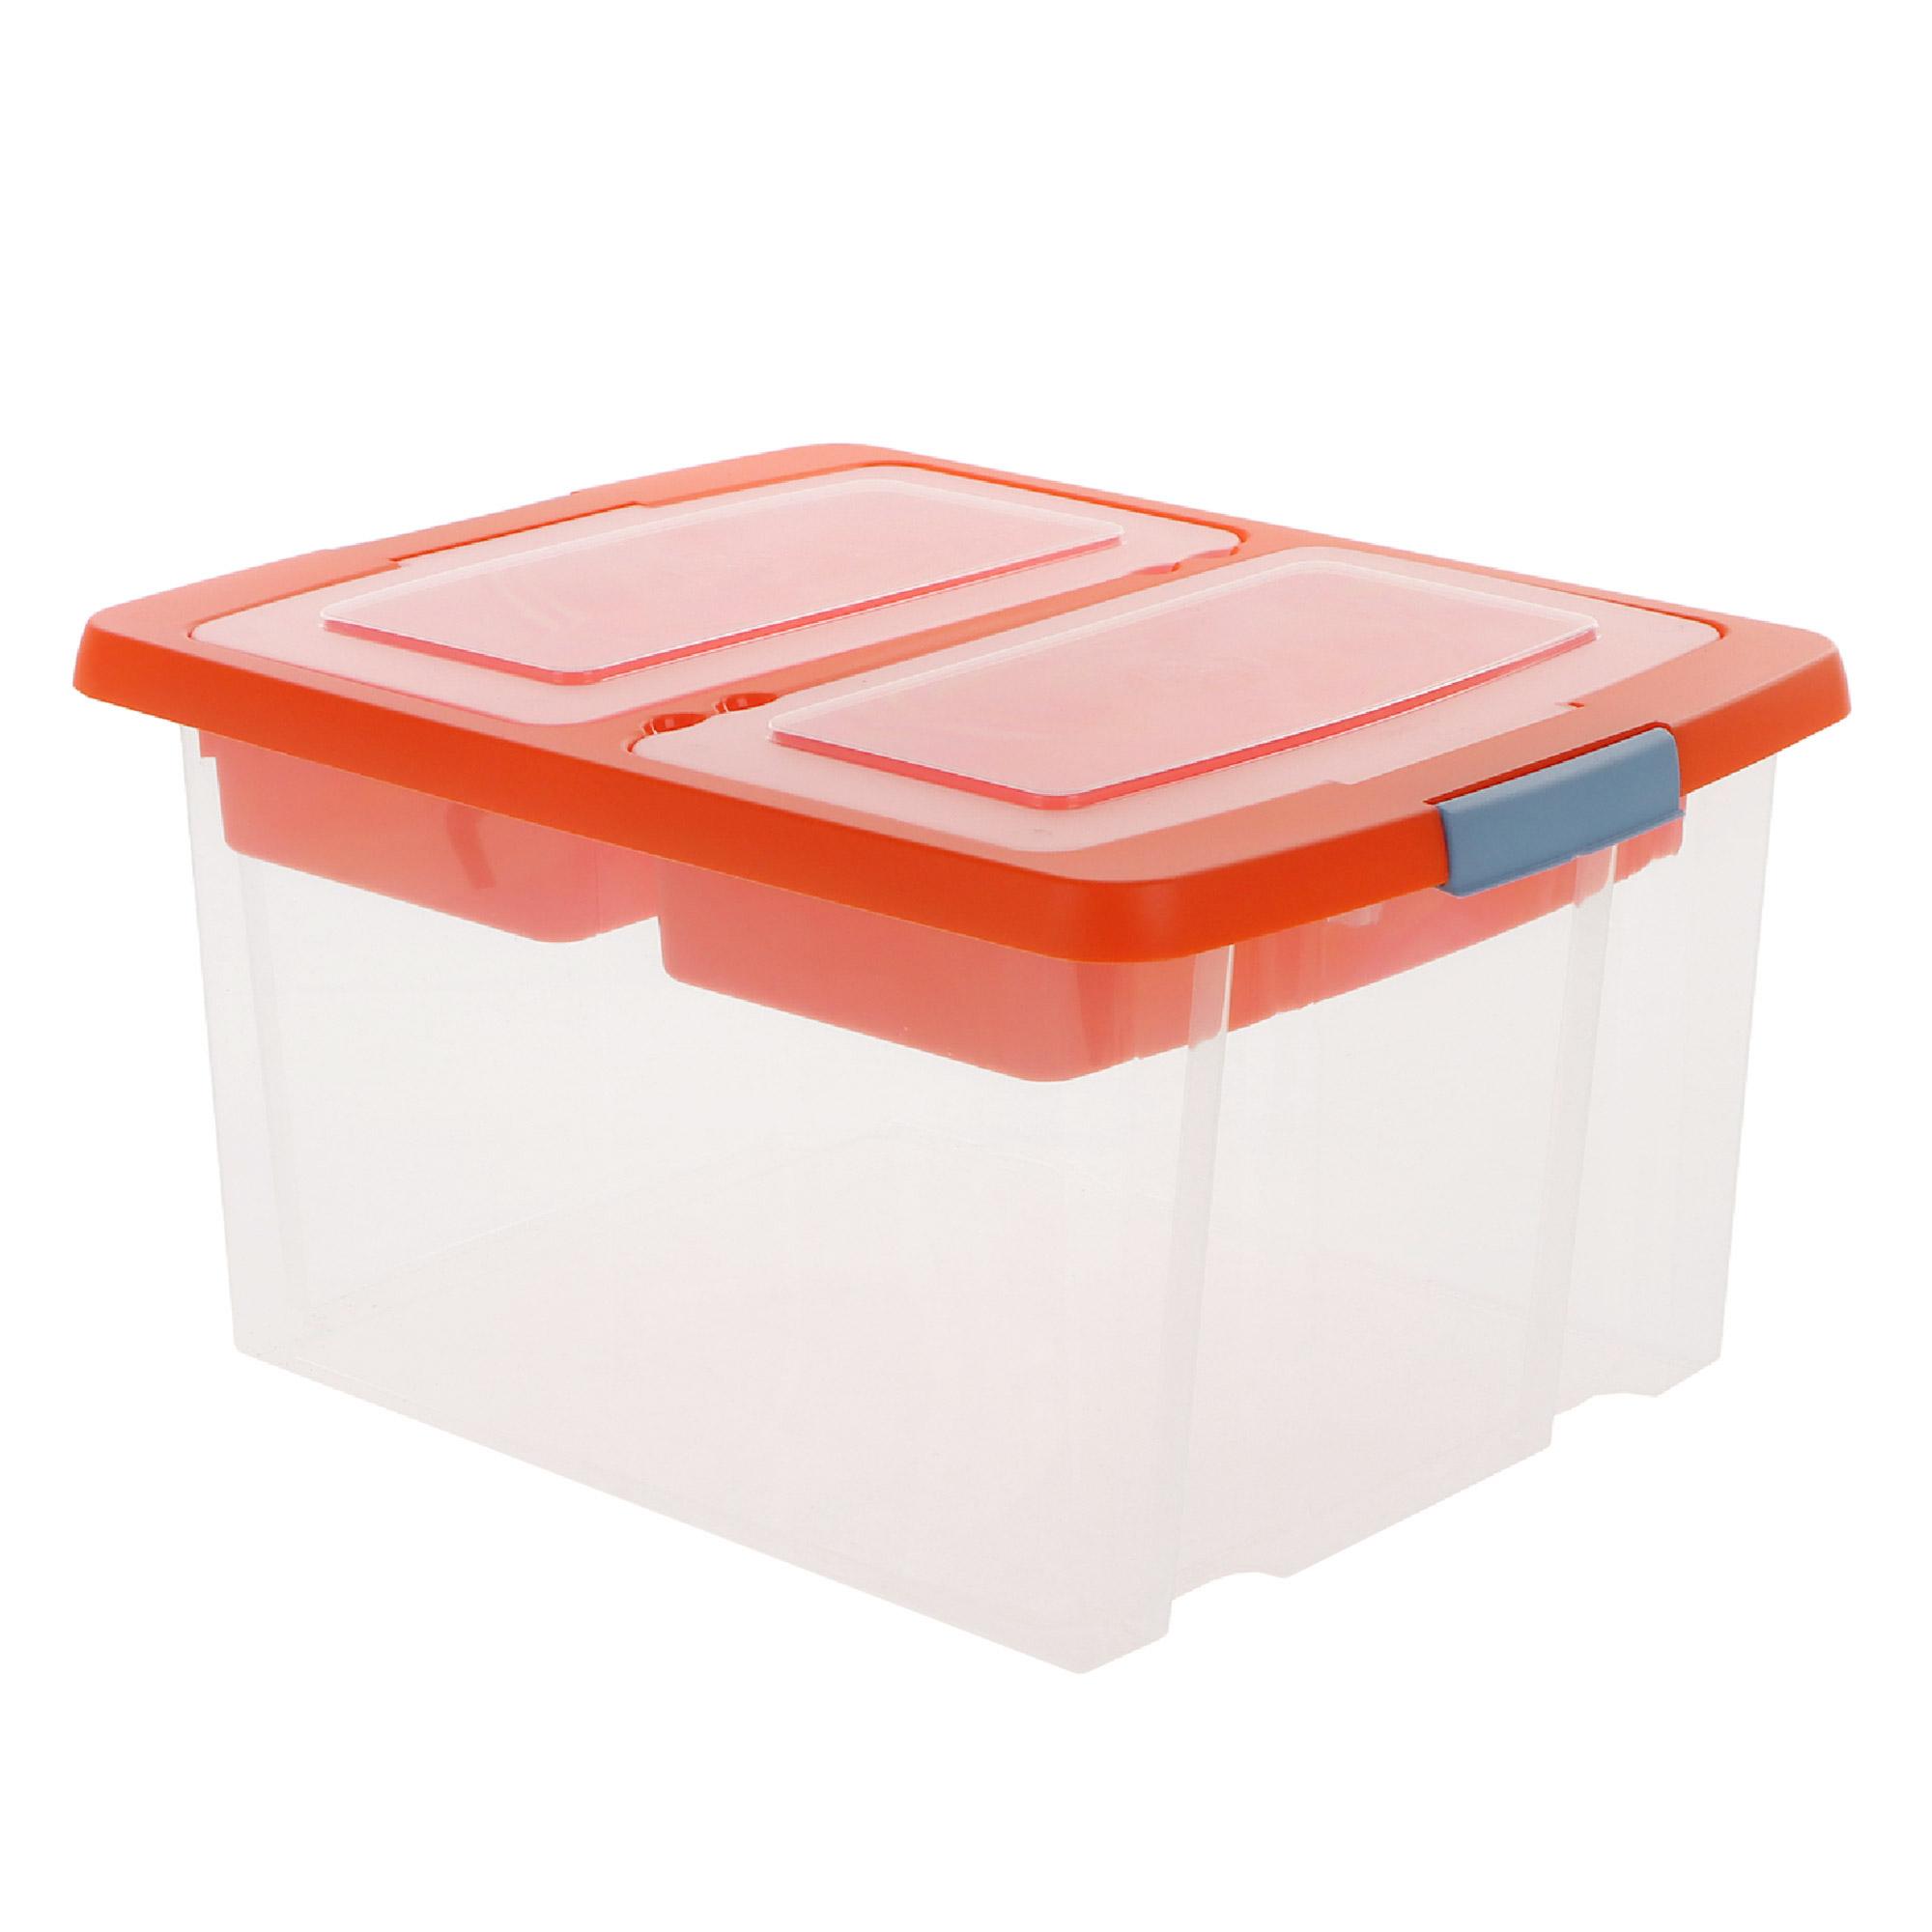 Ящик Полимербыт Универсальный 47х37х25 см ящик для хранения полимербыт 15 л